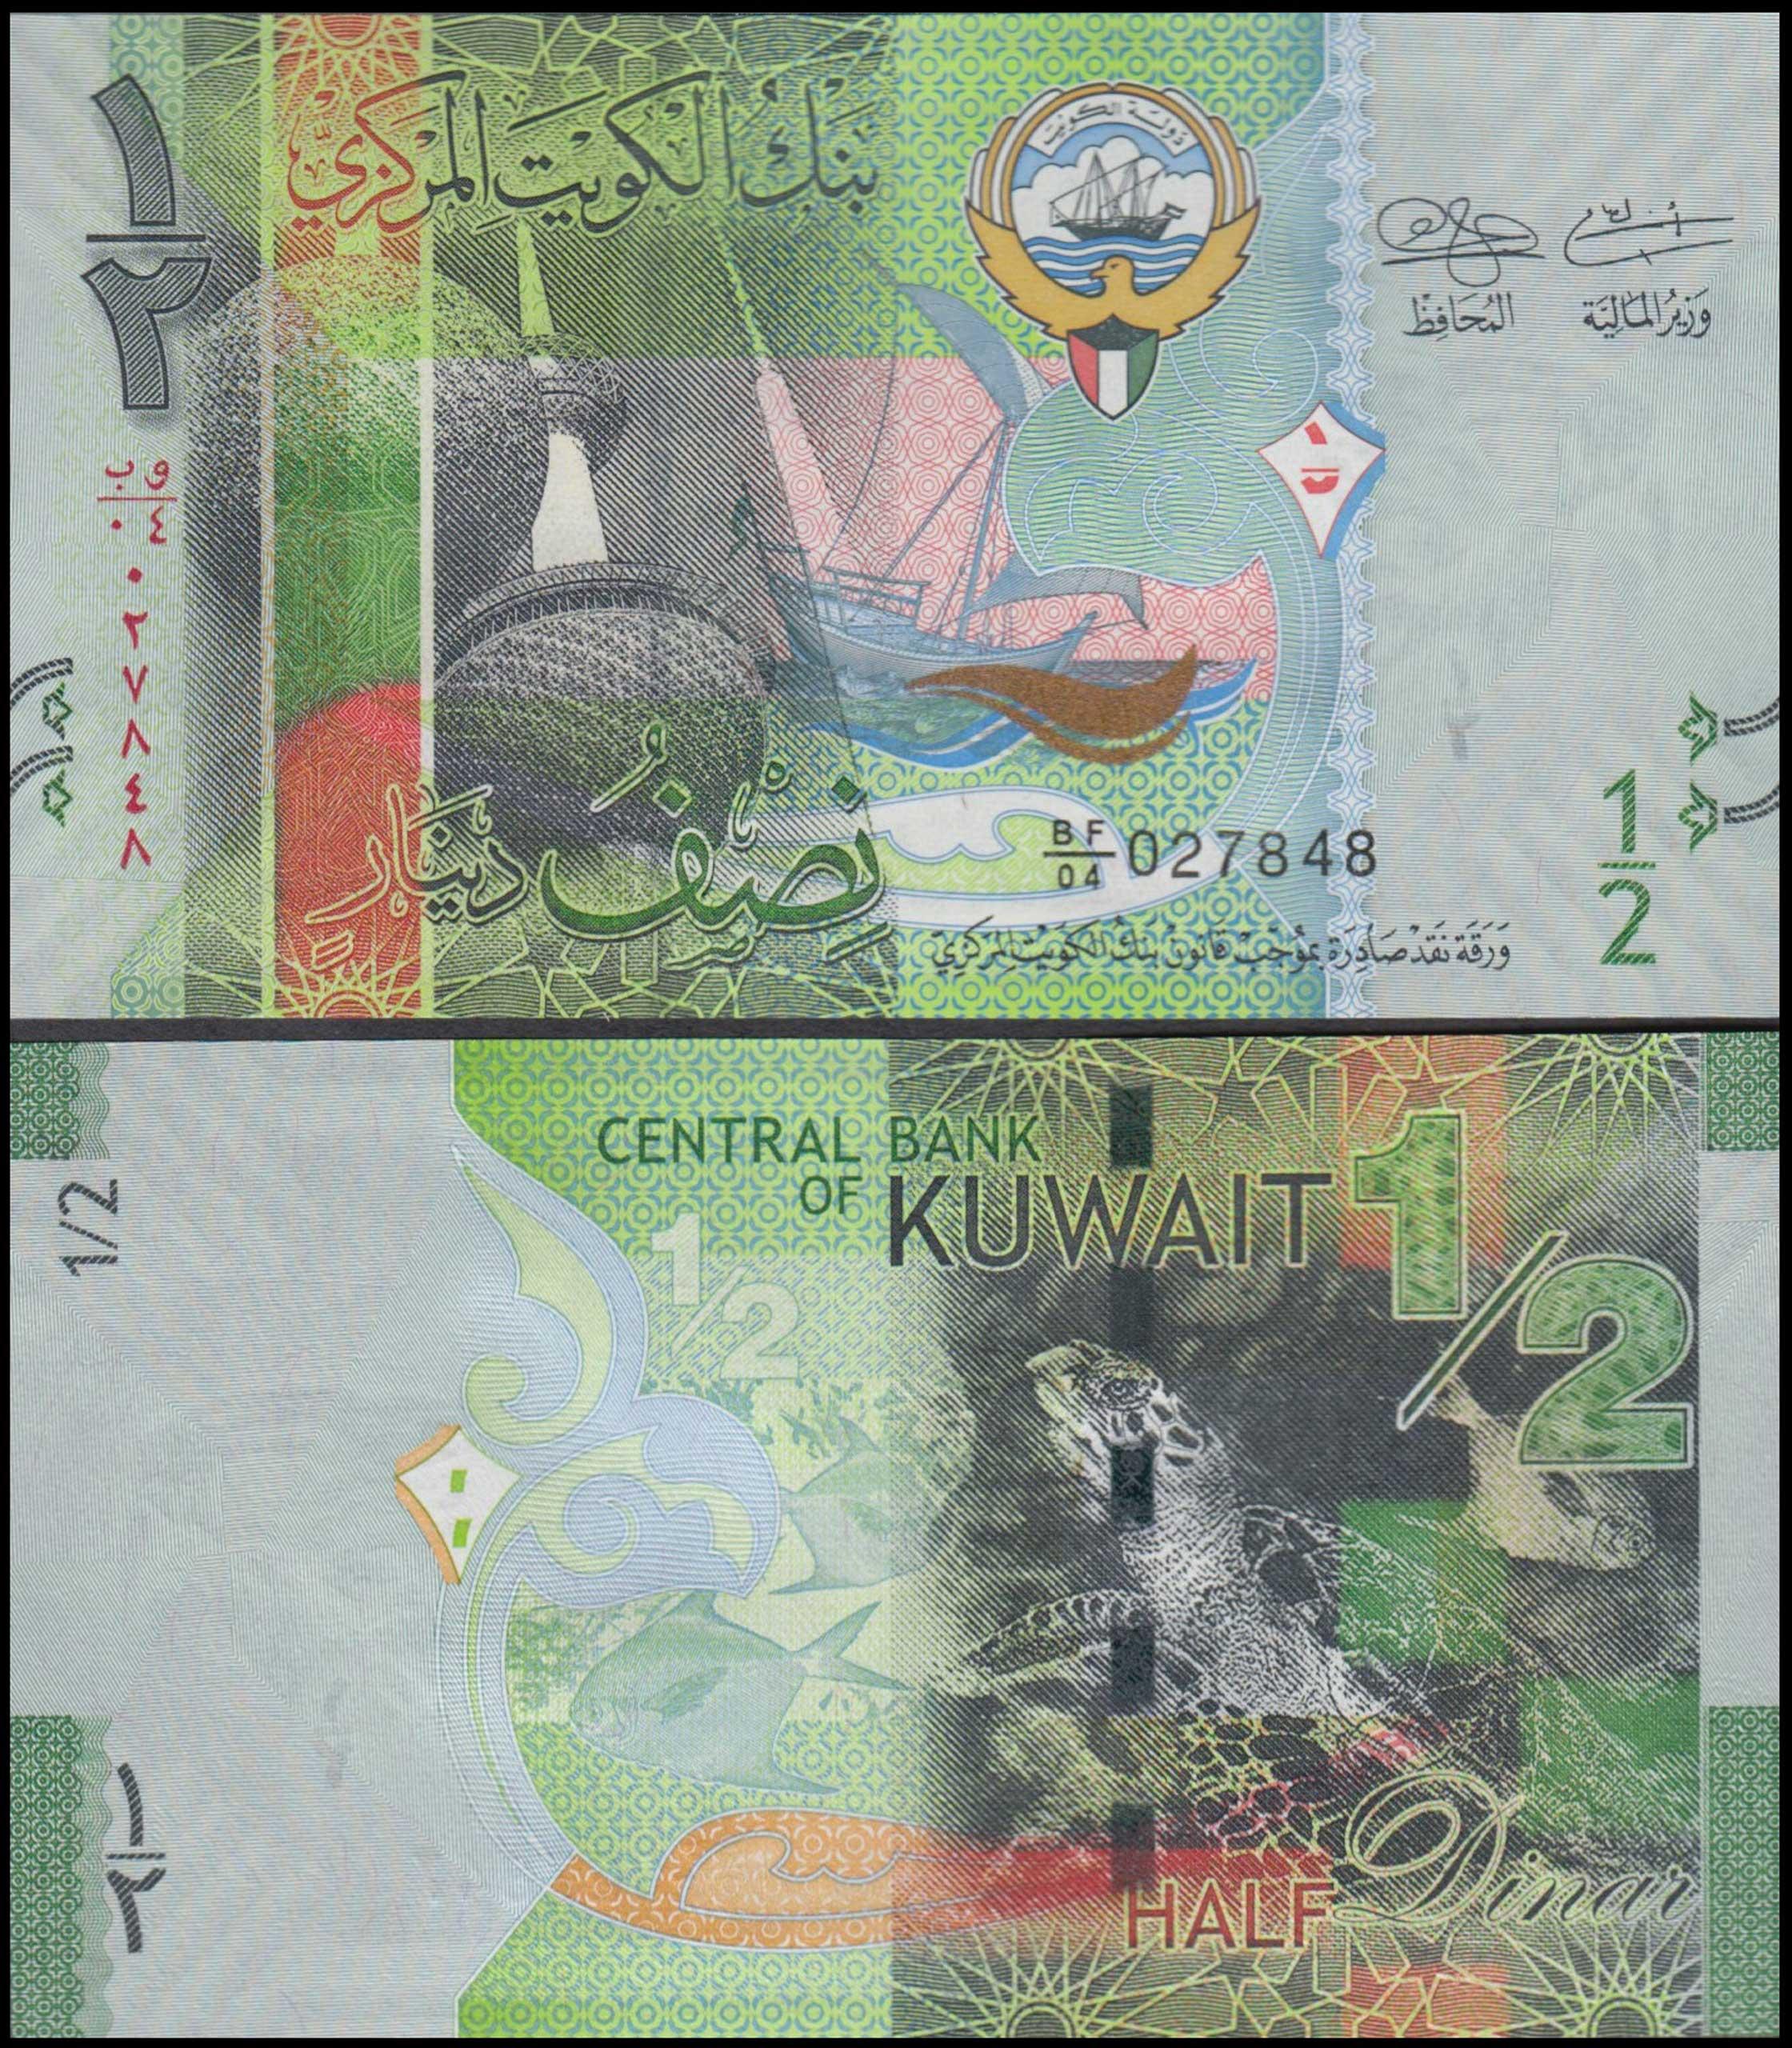 <strong>Kuwaiti Dinar</strong>